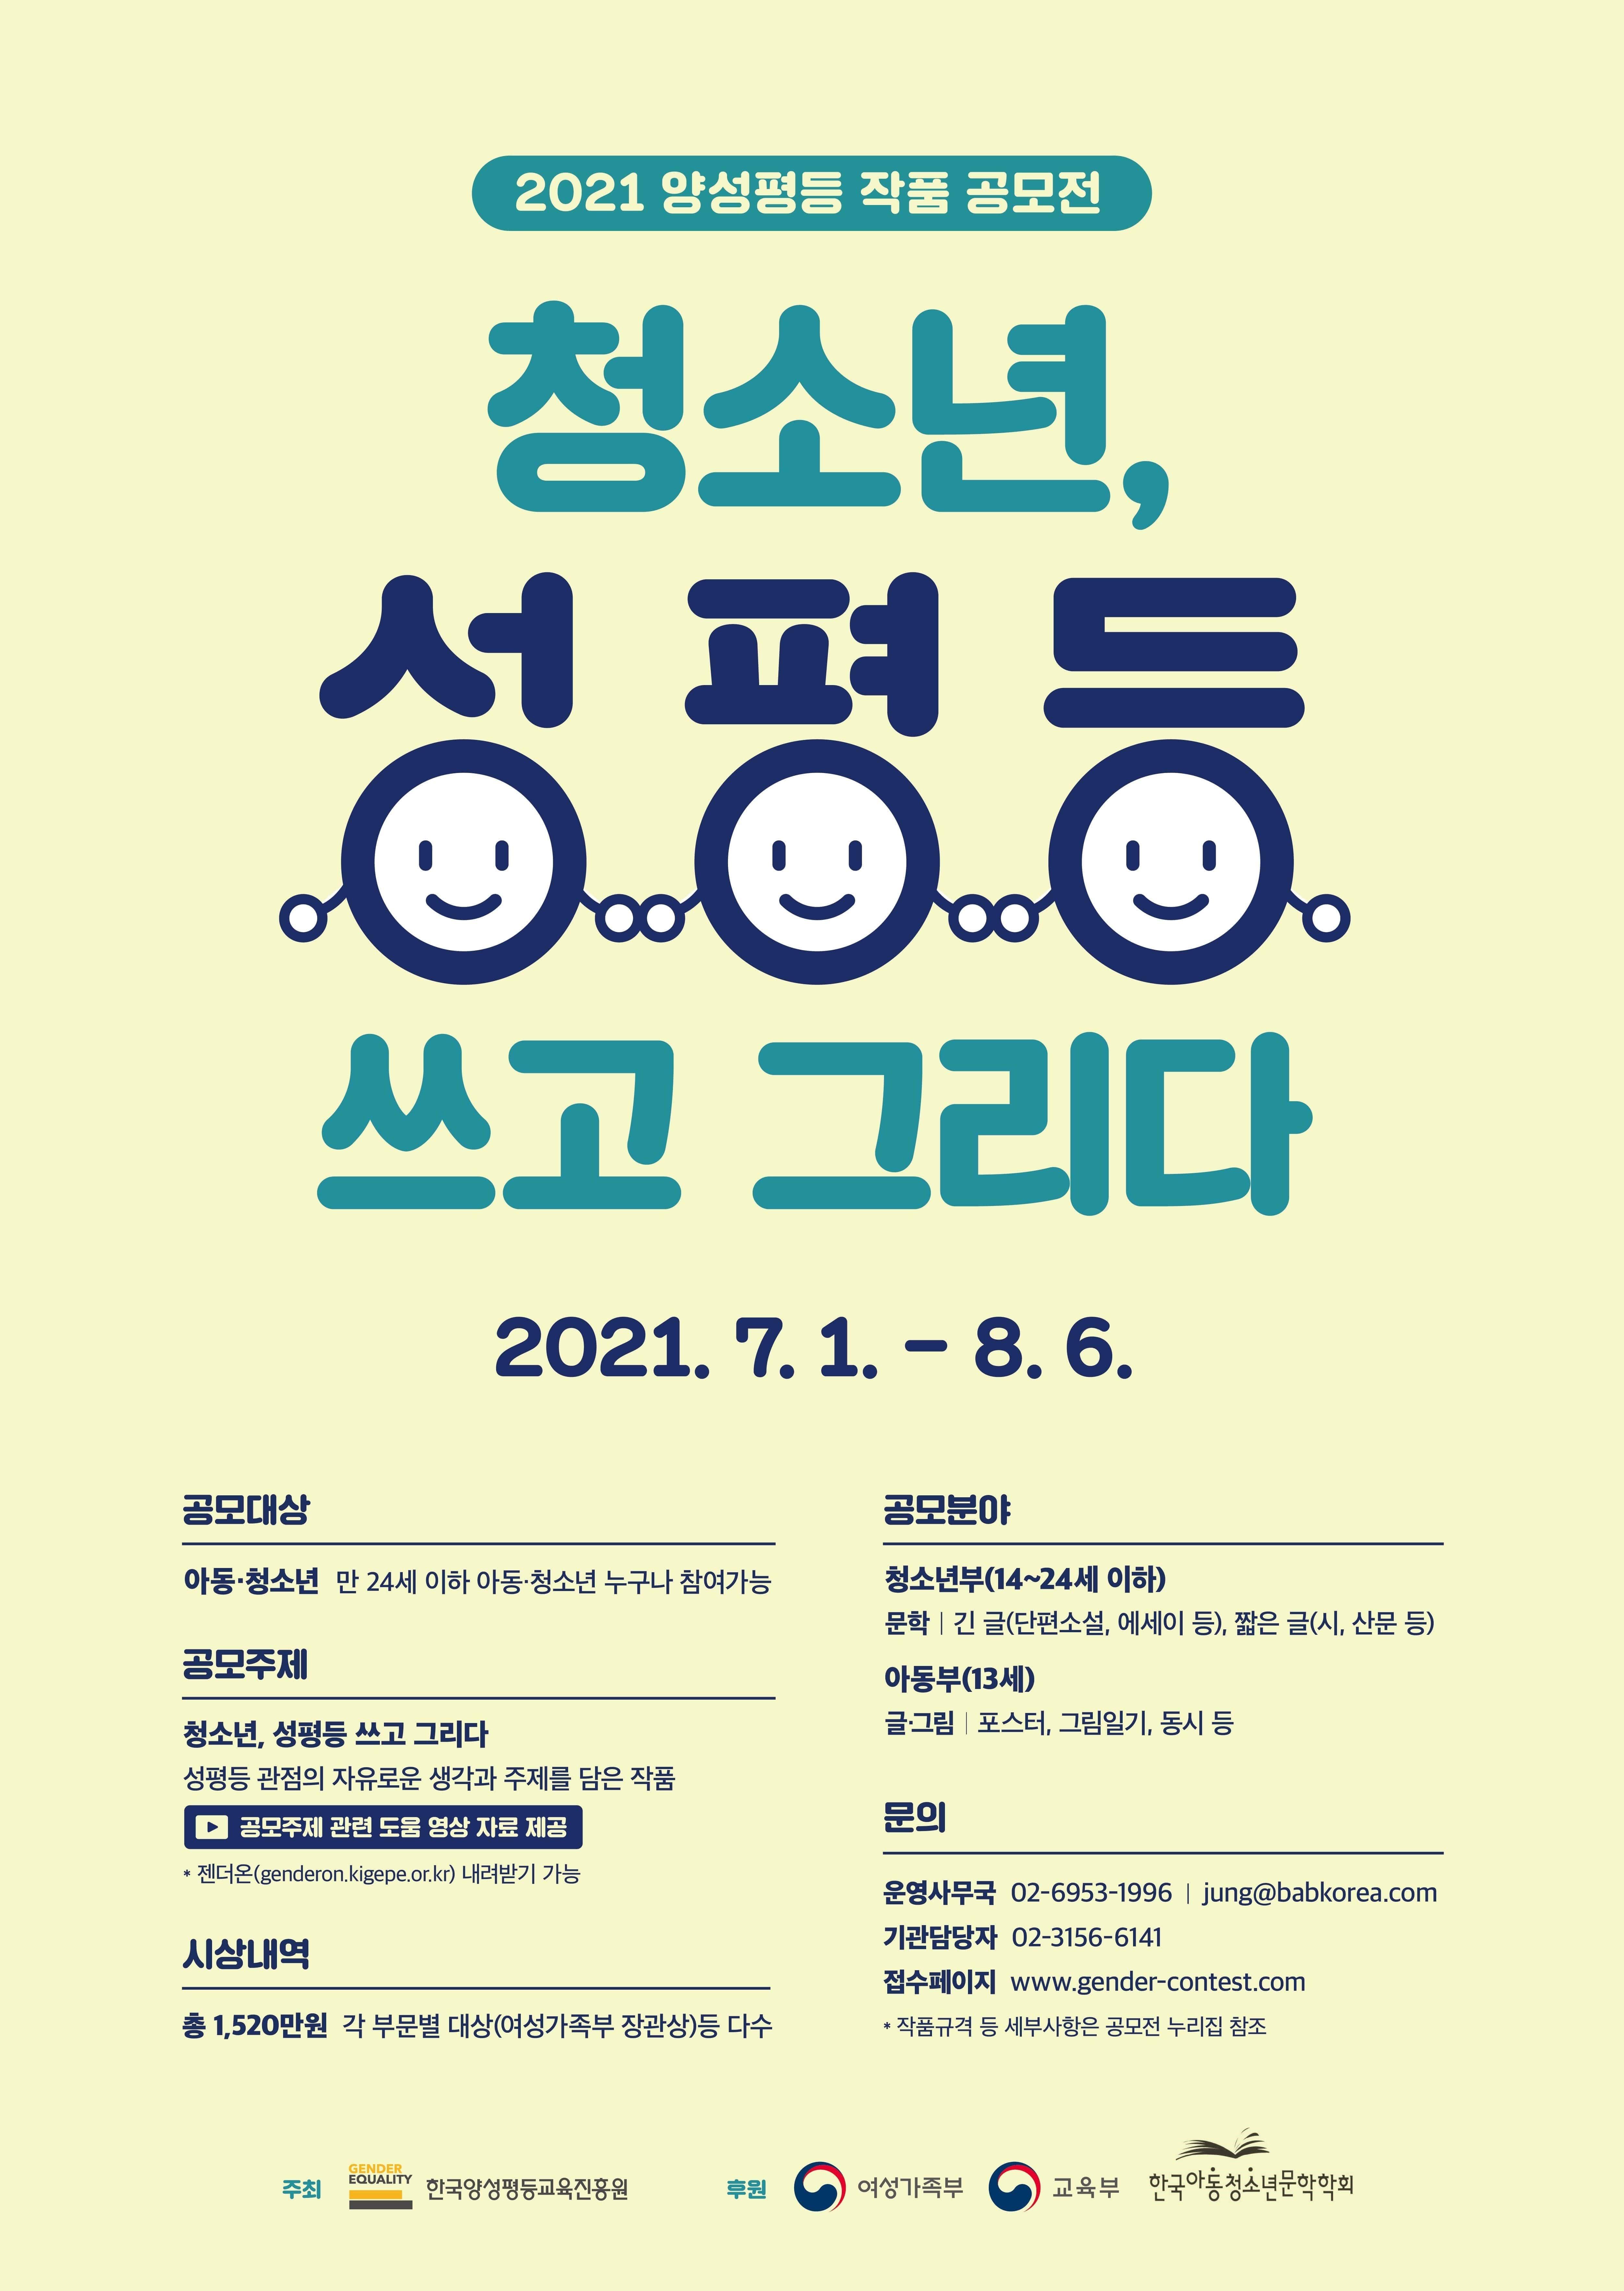 [한국양성평등교육진흥원] 청소년, 성평등 쓰고 그리다.